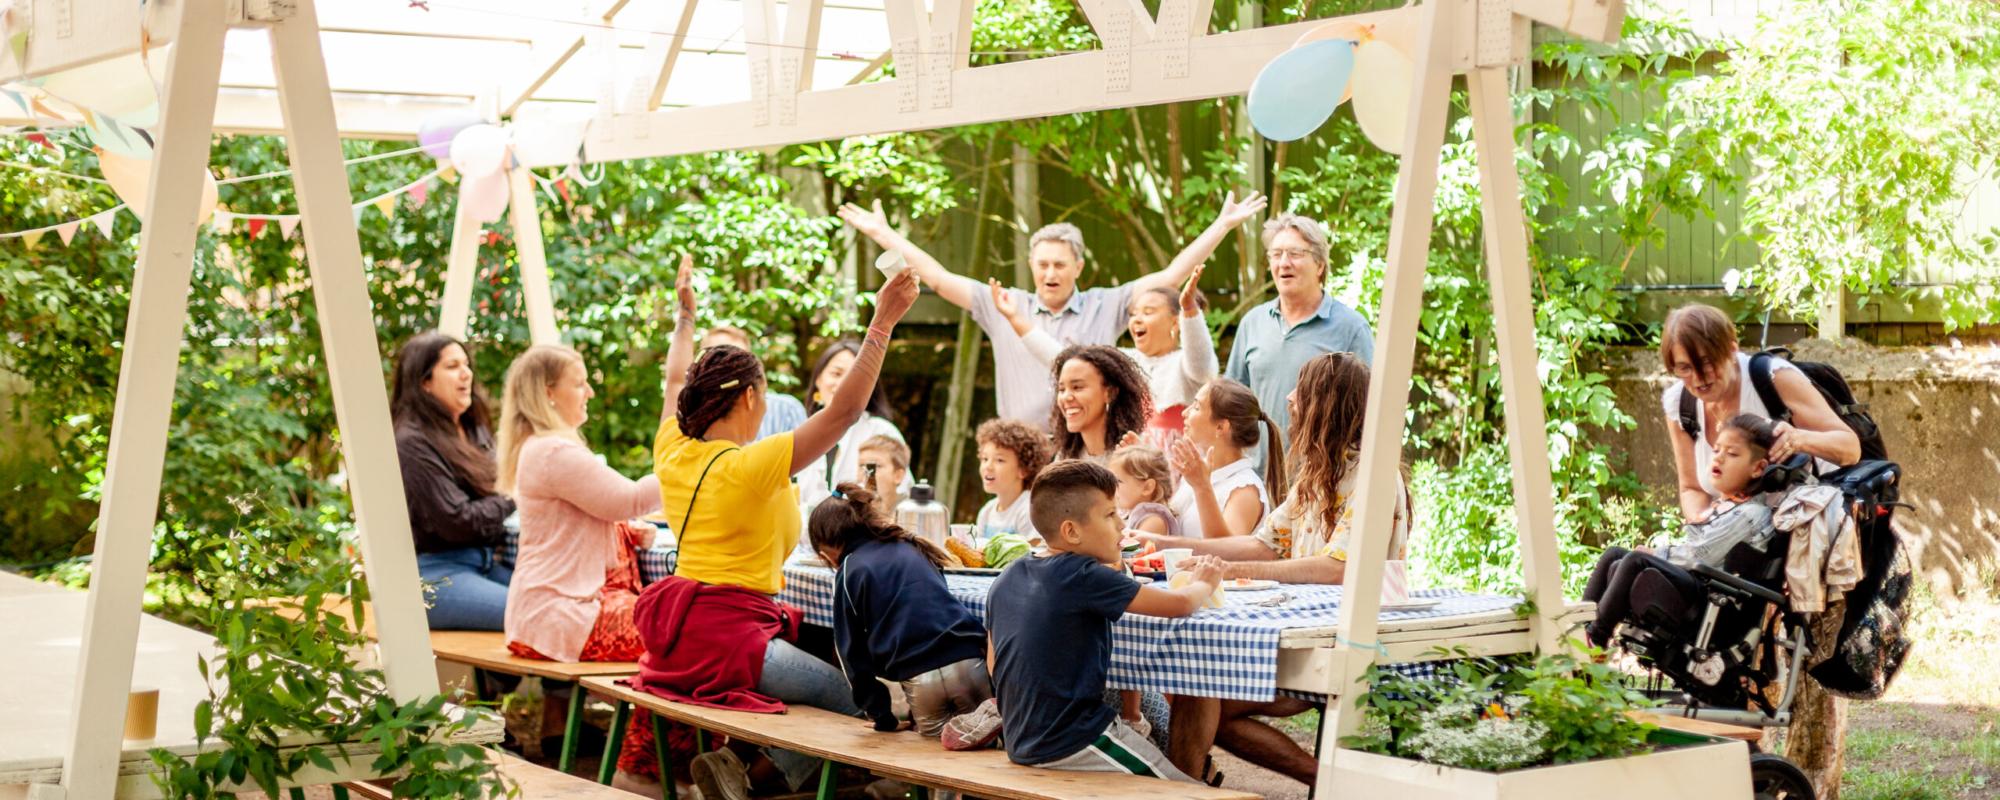 Barn och vuxa sitter vid ett picknickbord. En person håller i två ballonger.